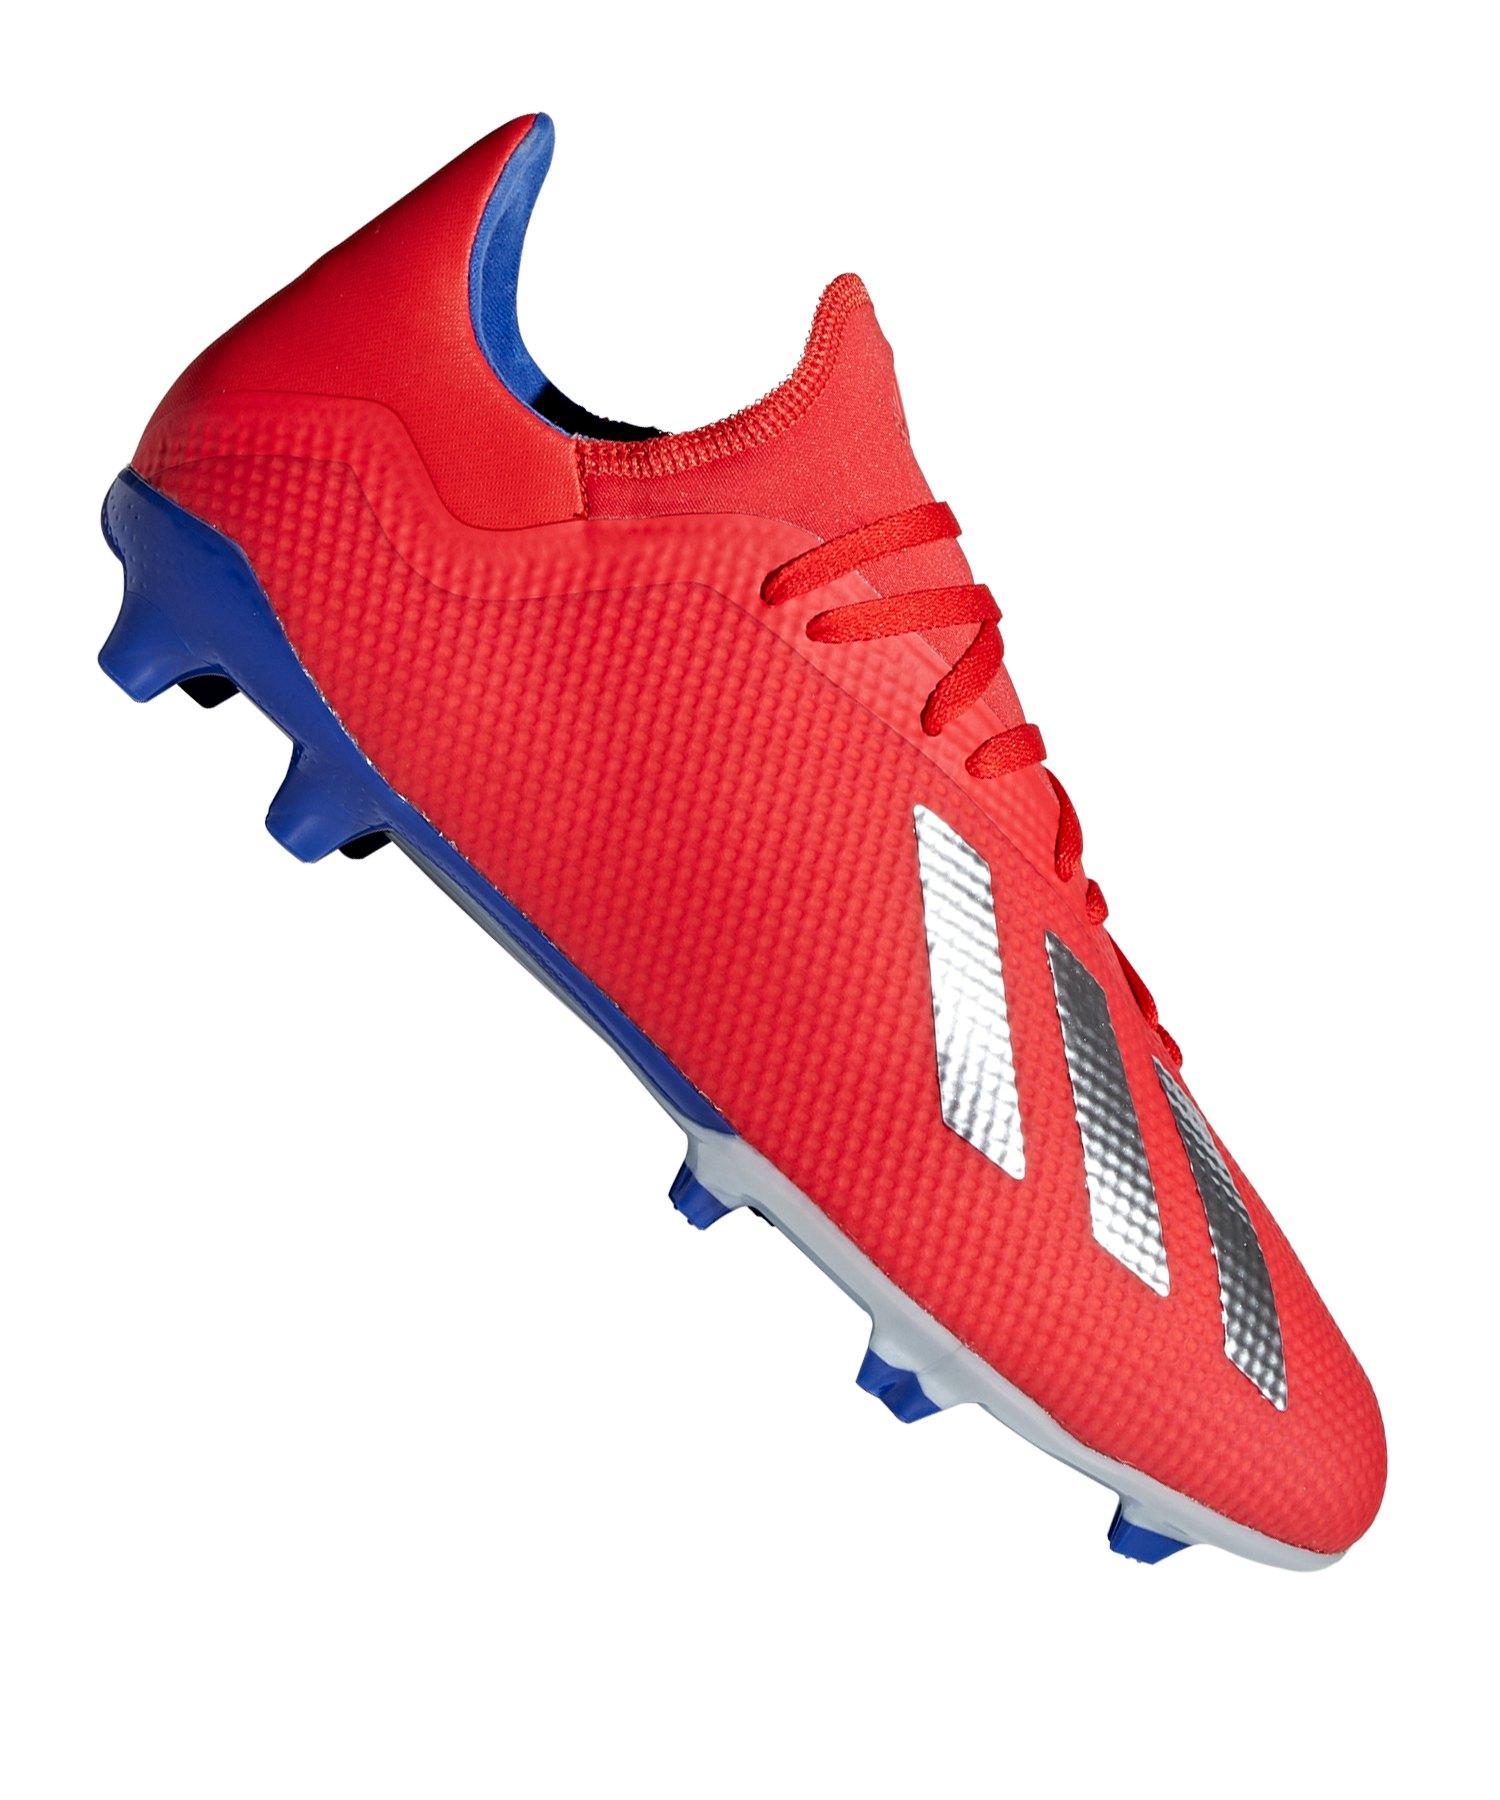 Adidas Fußballschuhe in 37 13